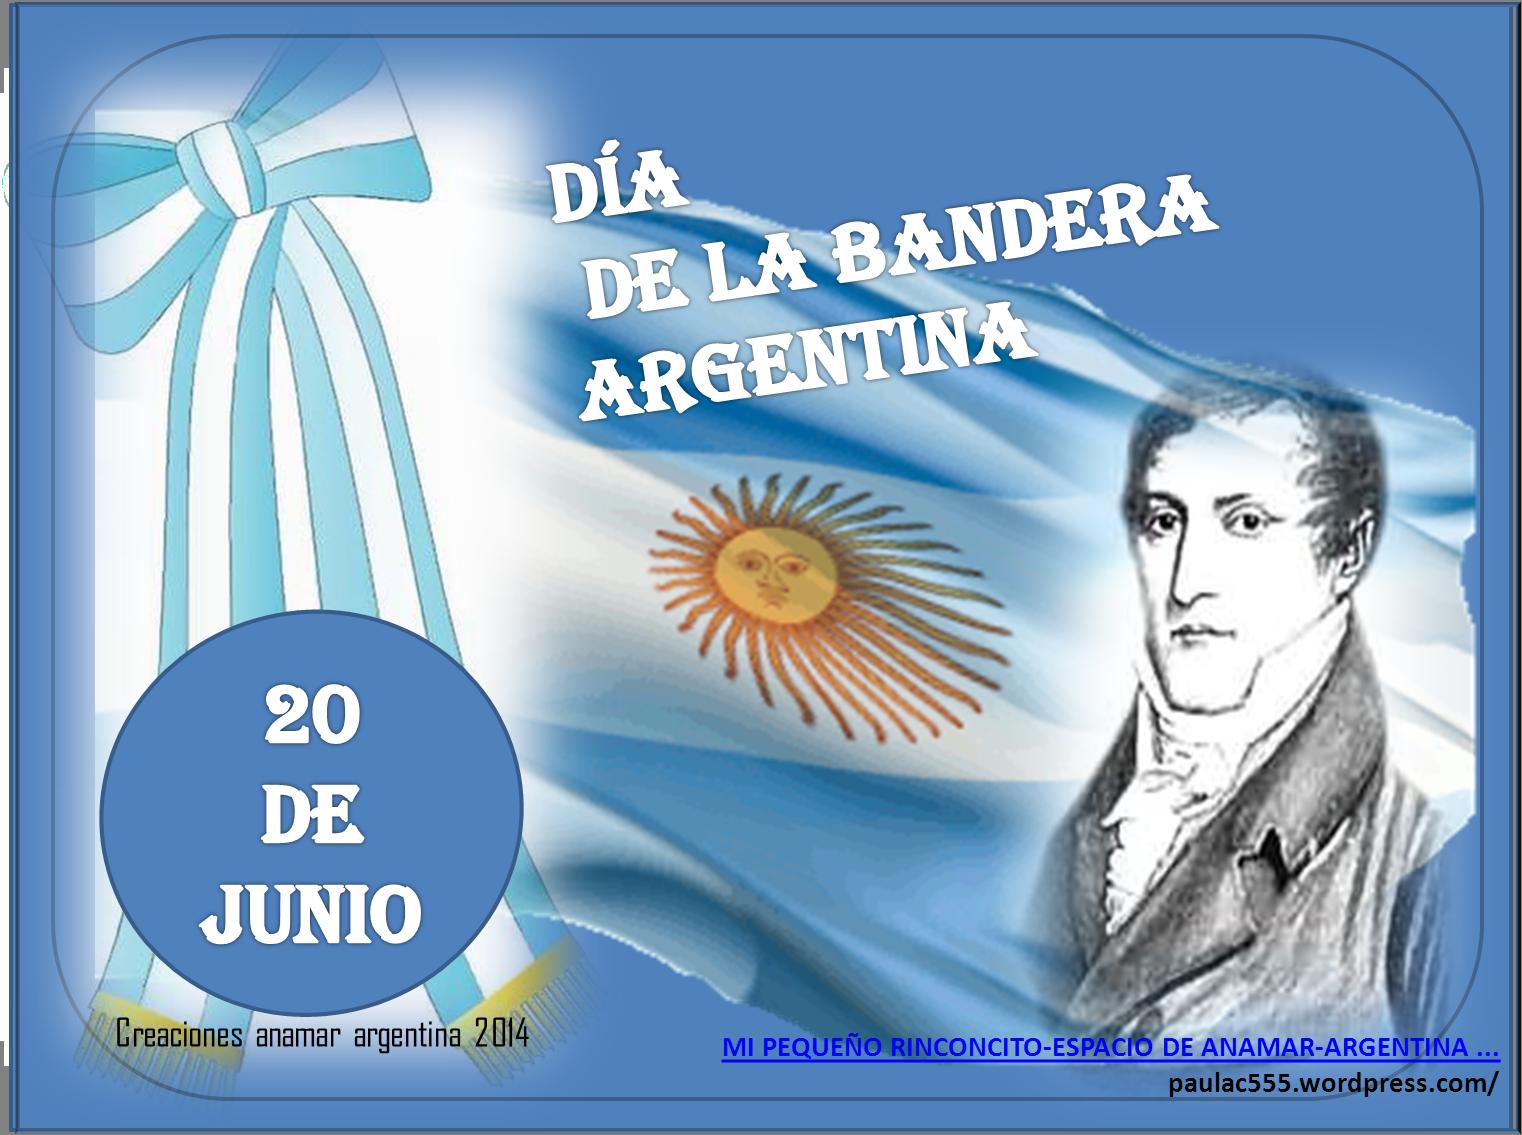 dia de la bandera argentina 20 de junio creaciones anamar argentina